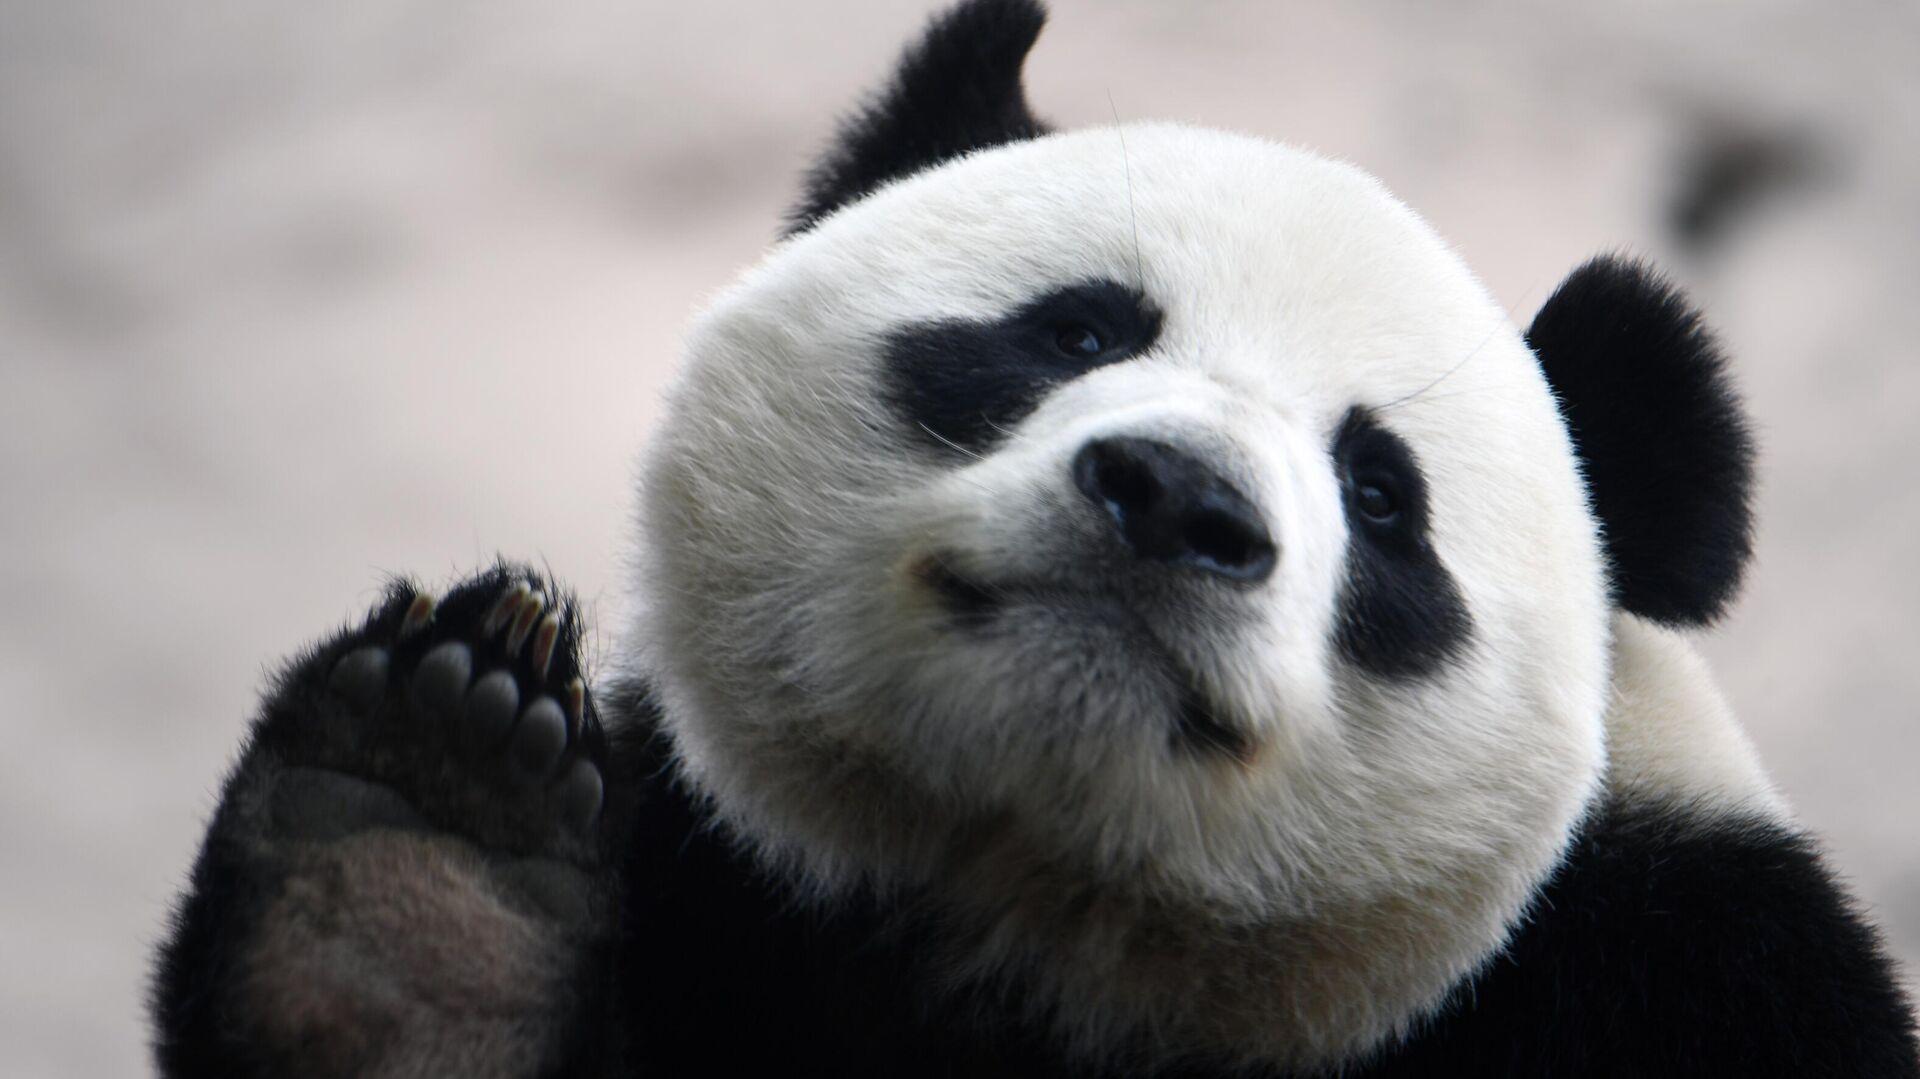 Большая панда в вольере Московского зоопарка перед открытием после карантина - РИА Новости, 1920, 09.11.2020